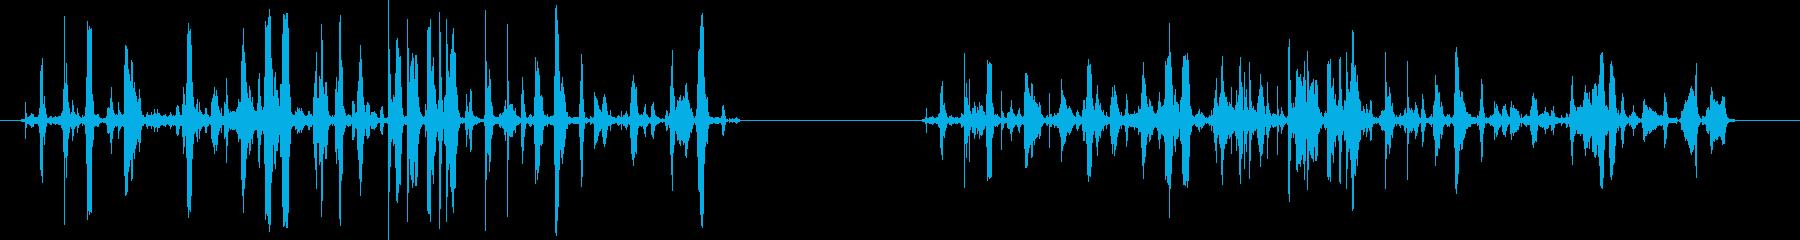 ファイトシーン-2バージョン-処理...の再生済みの波形